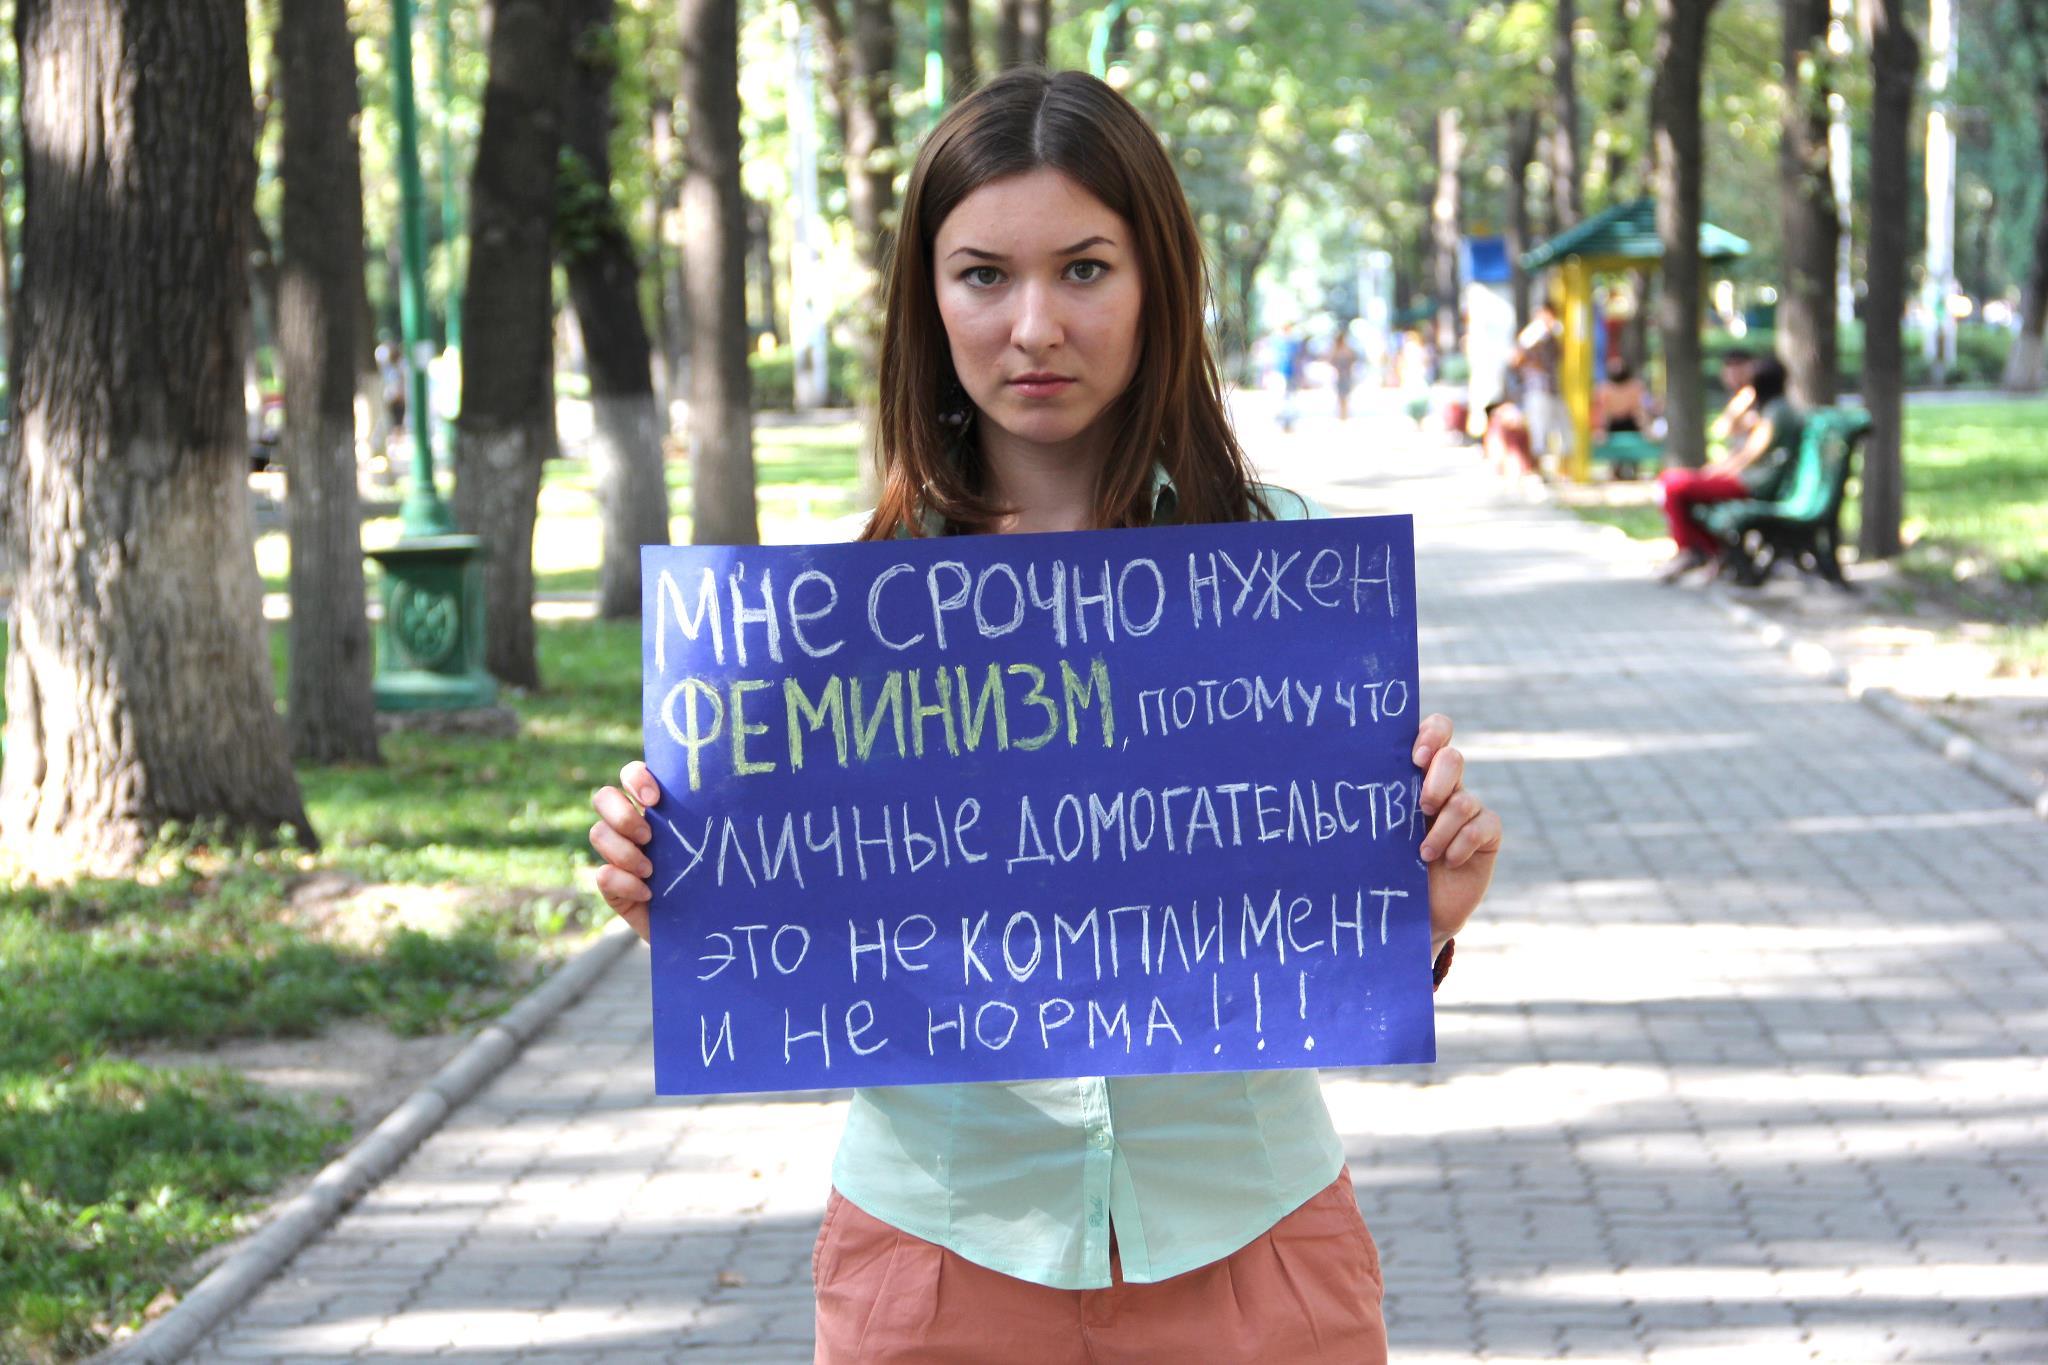 Да, это фото сделано в Бишкеке.